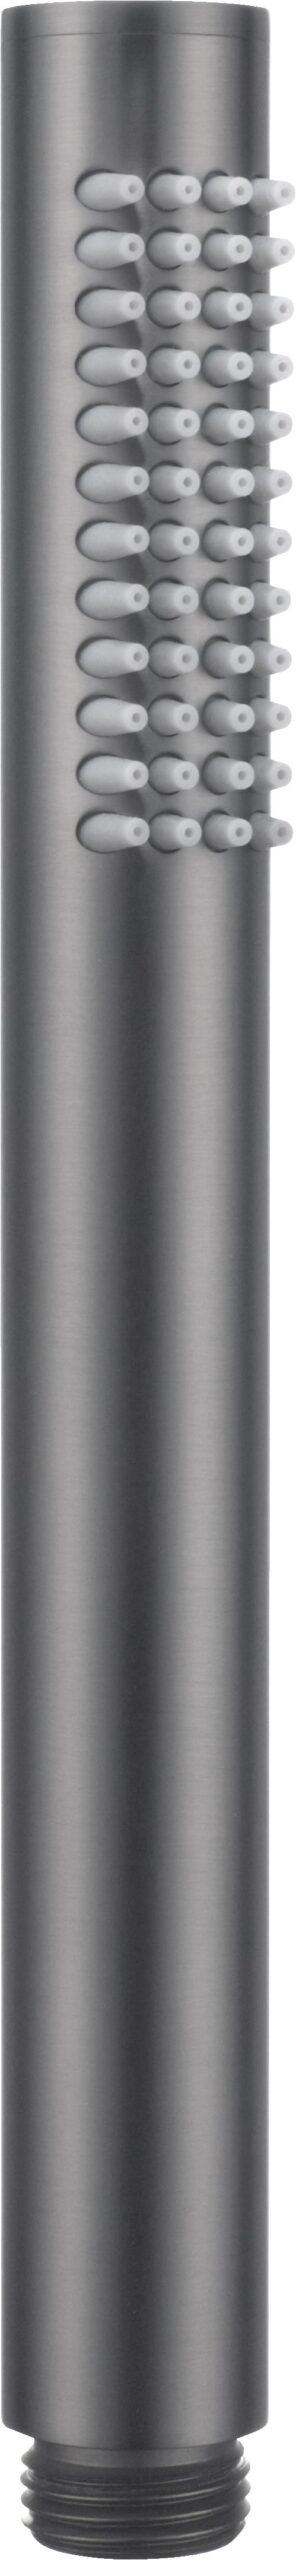 Deante Round Słuchawka prysznicowa 1- funkcyjna titanium NOR_D51S